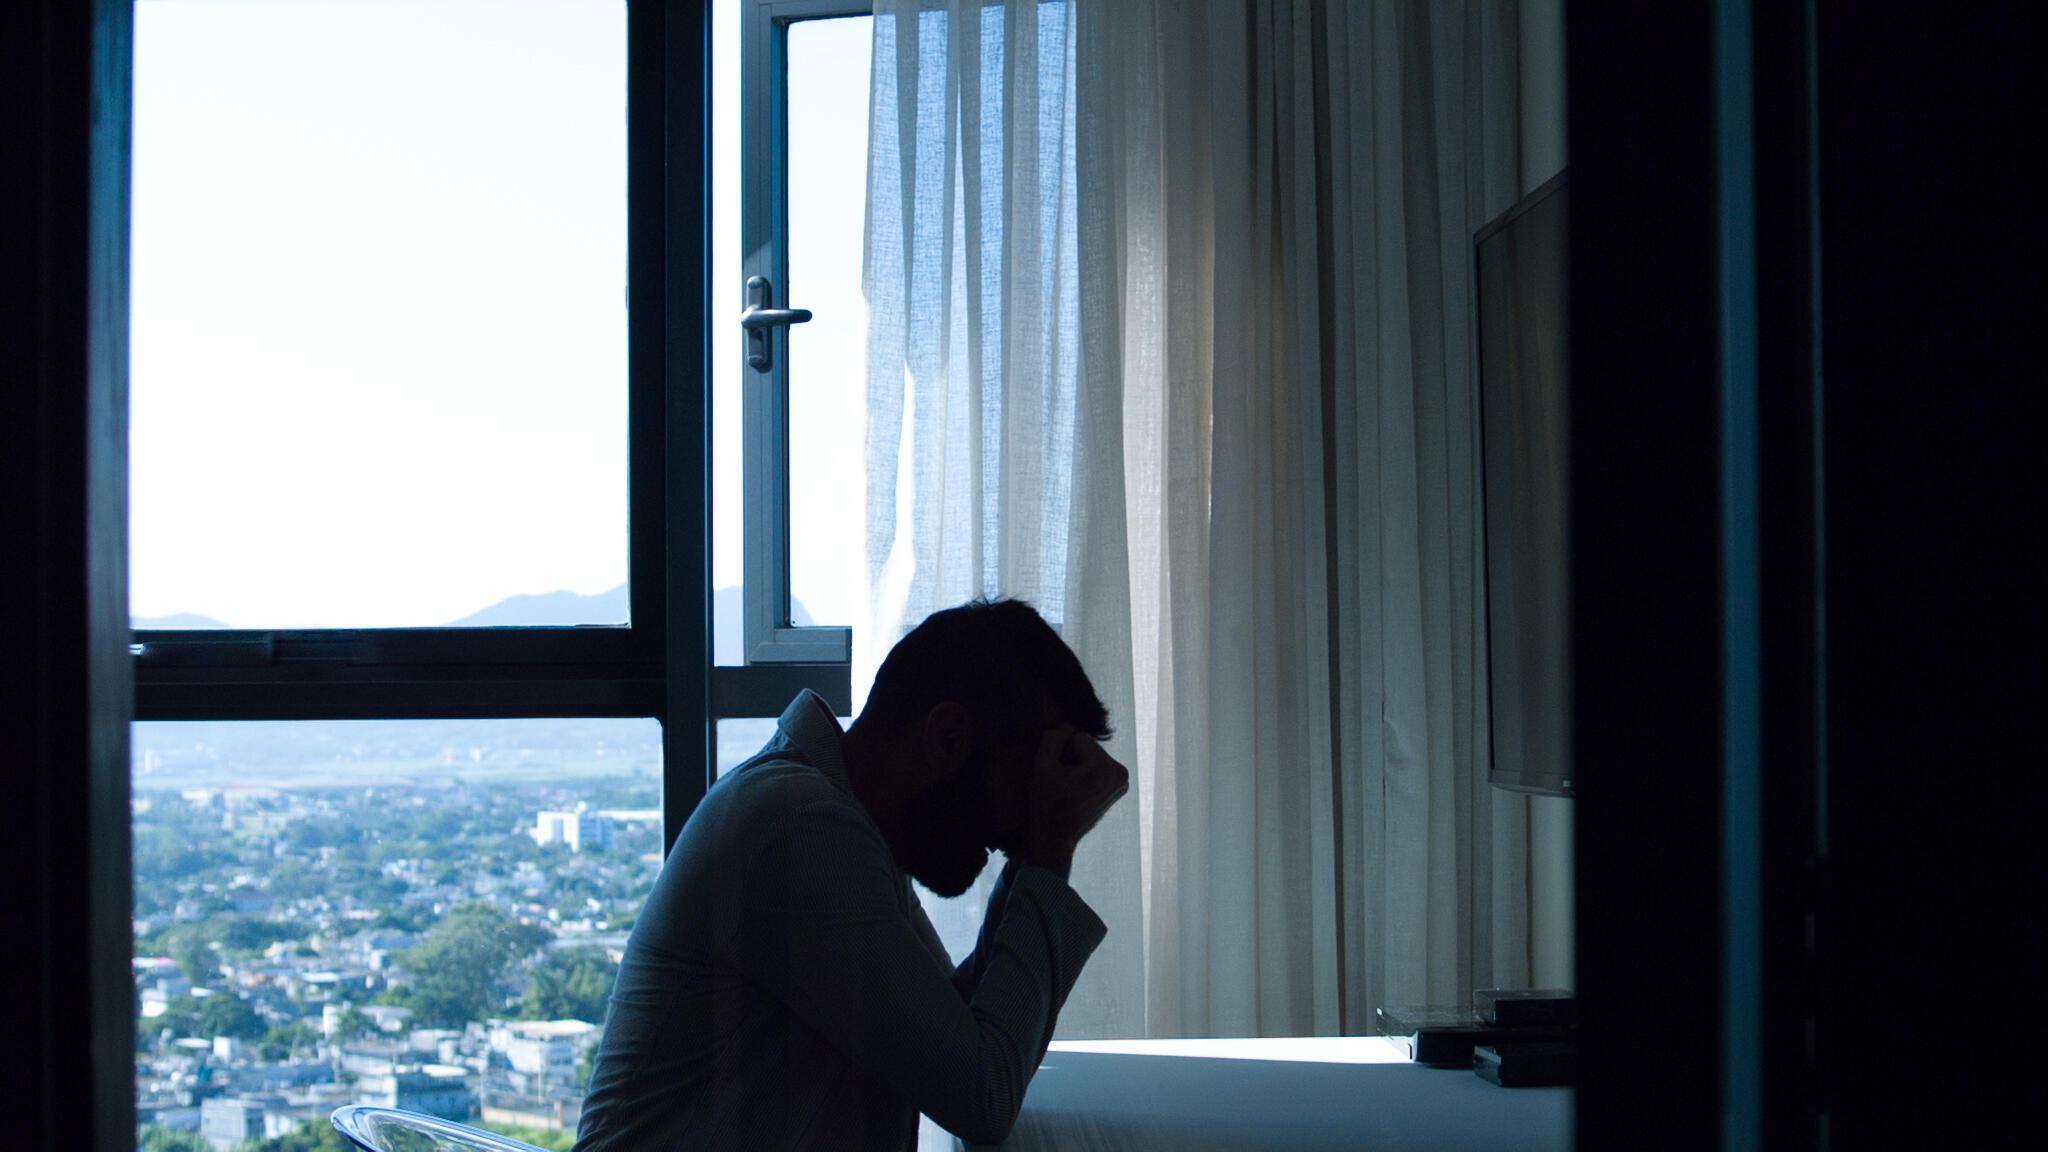 Agony Mental Health